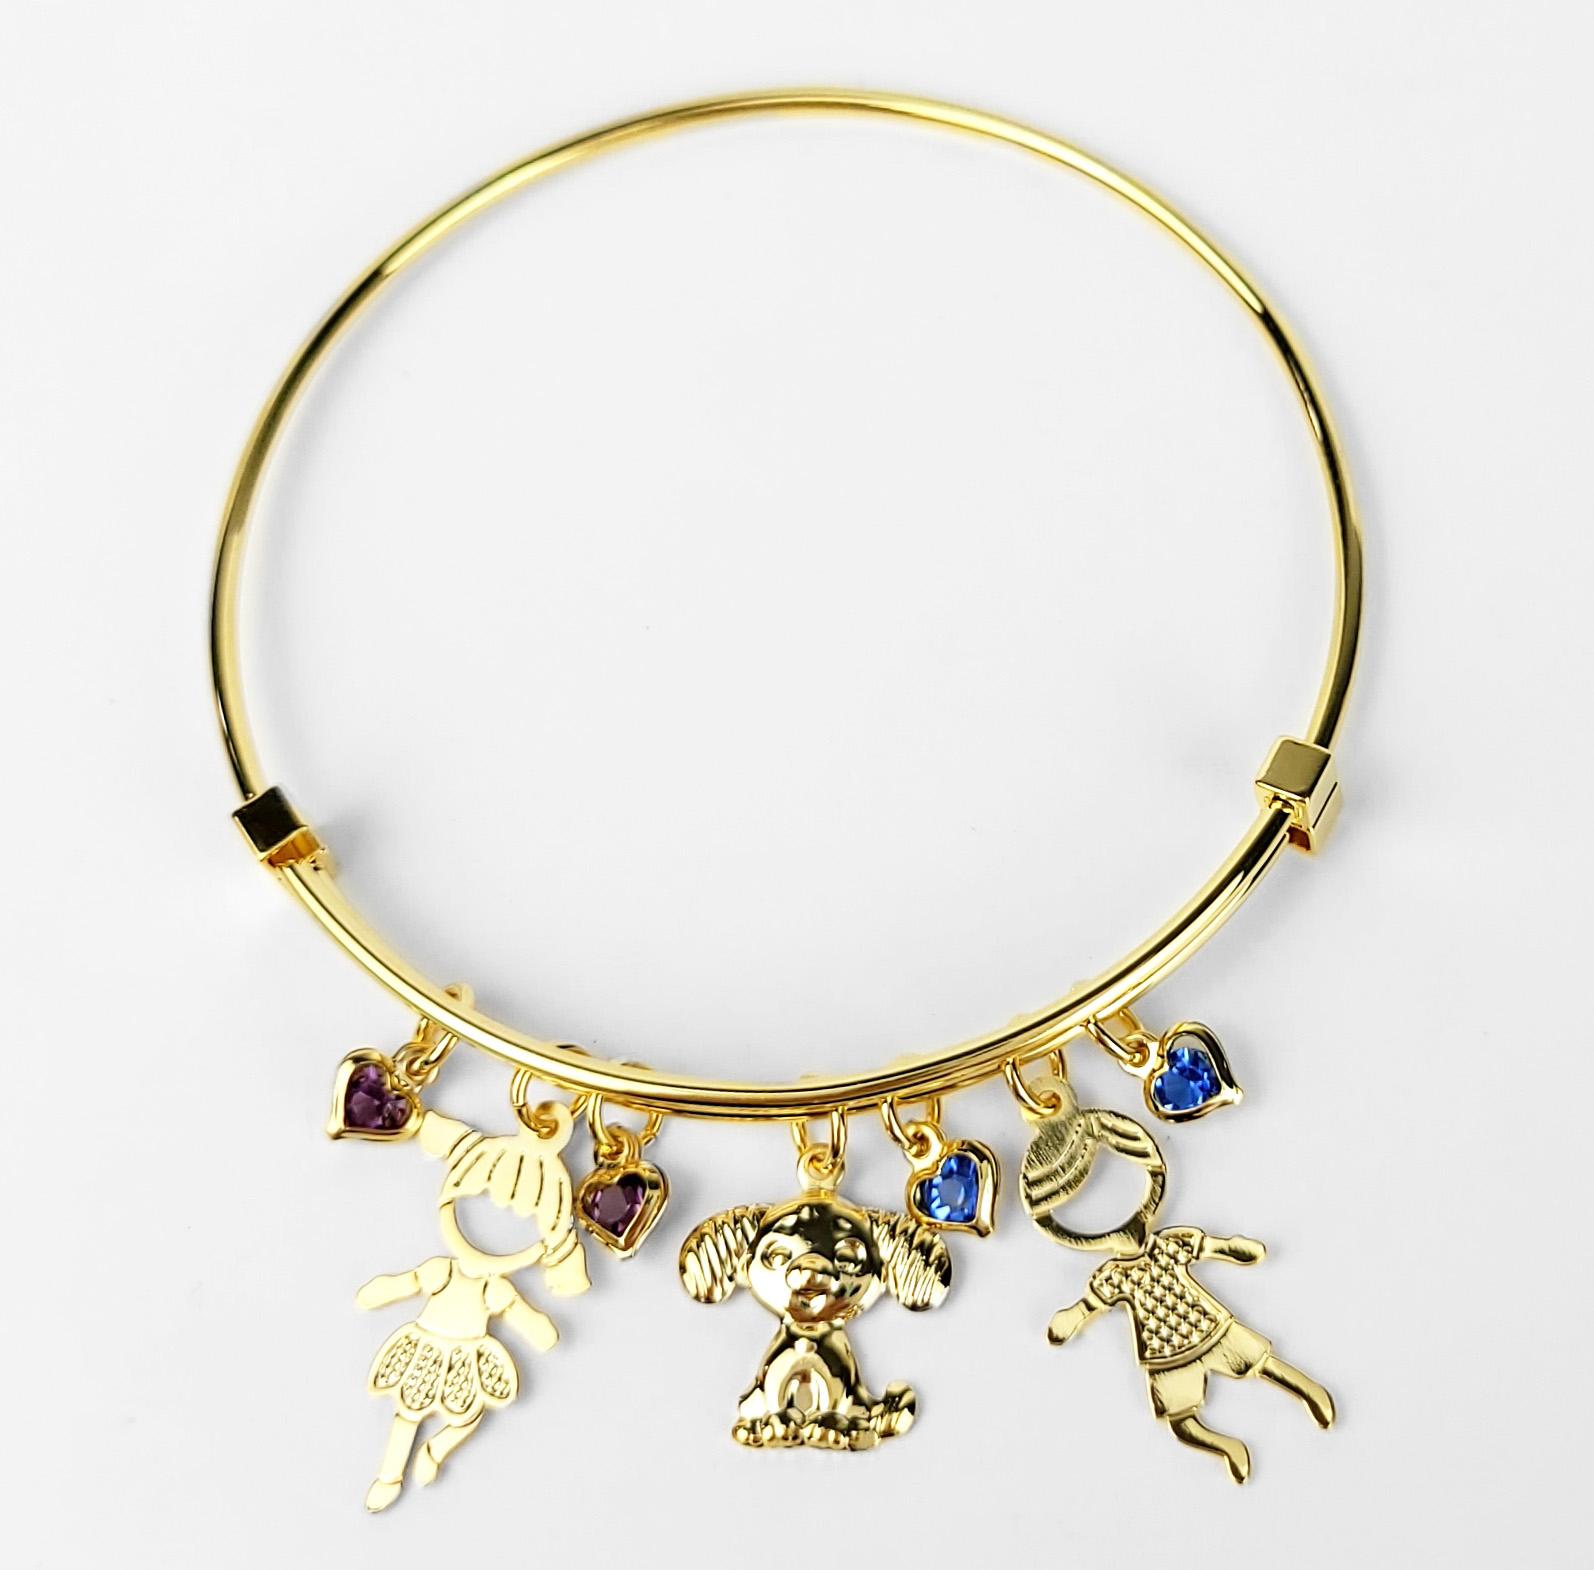 Bracelete Ajustável Casal de Filhos e Pet Folheado Ouro 18k  - Lunozê Joias